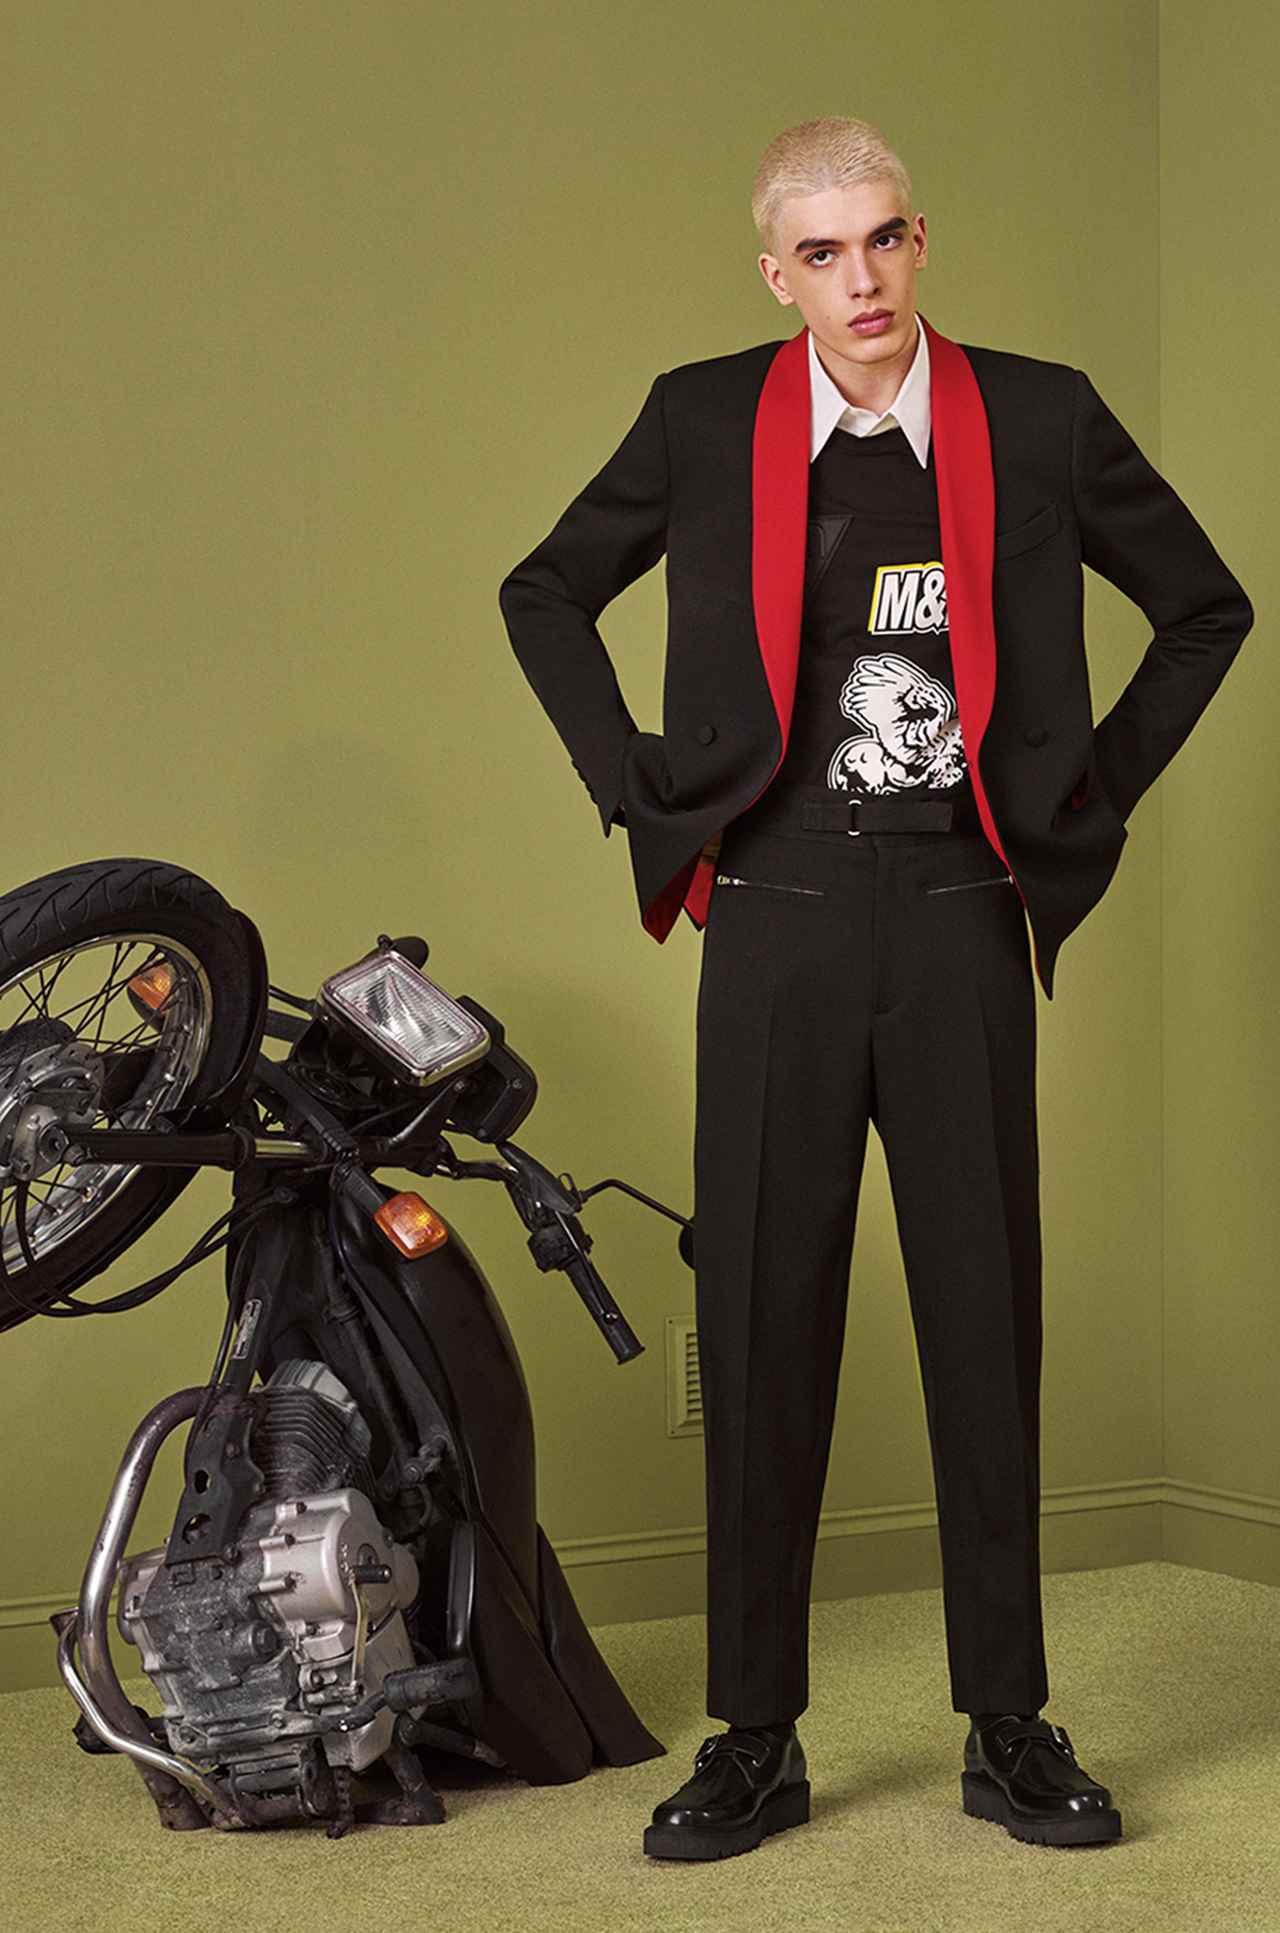 Images : 3番目の画像 - 「ステラ・マッカートニーが 描く男性像」のアルバム - T JAPAN:The New York Times Style Magazine 公式サイト